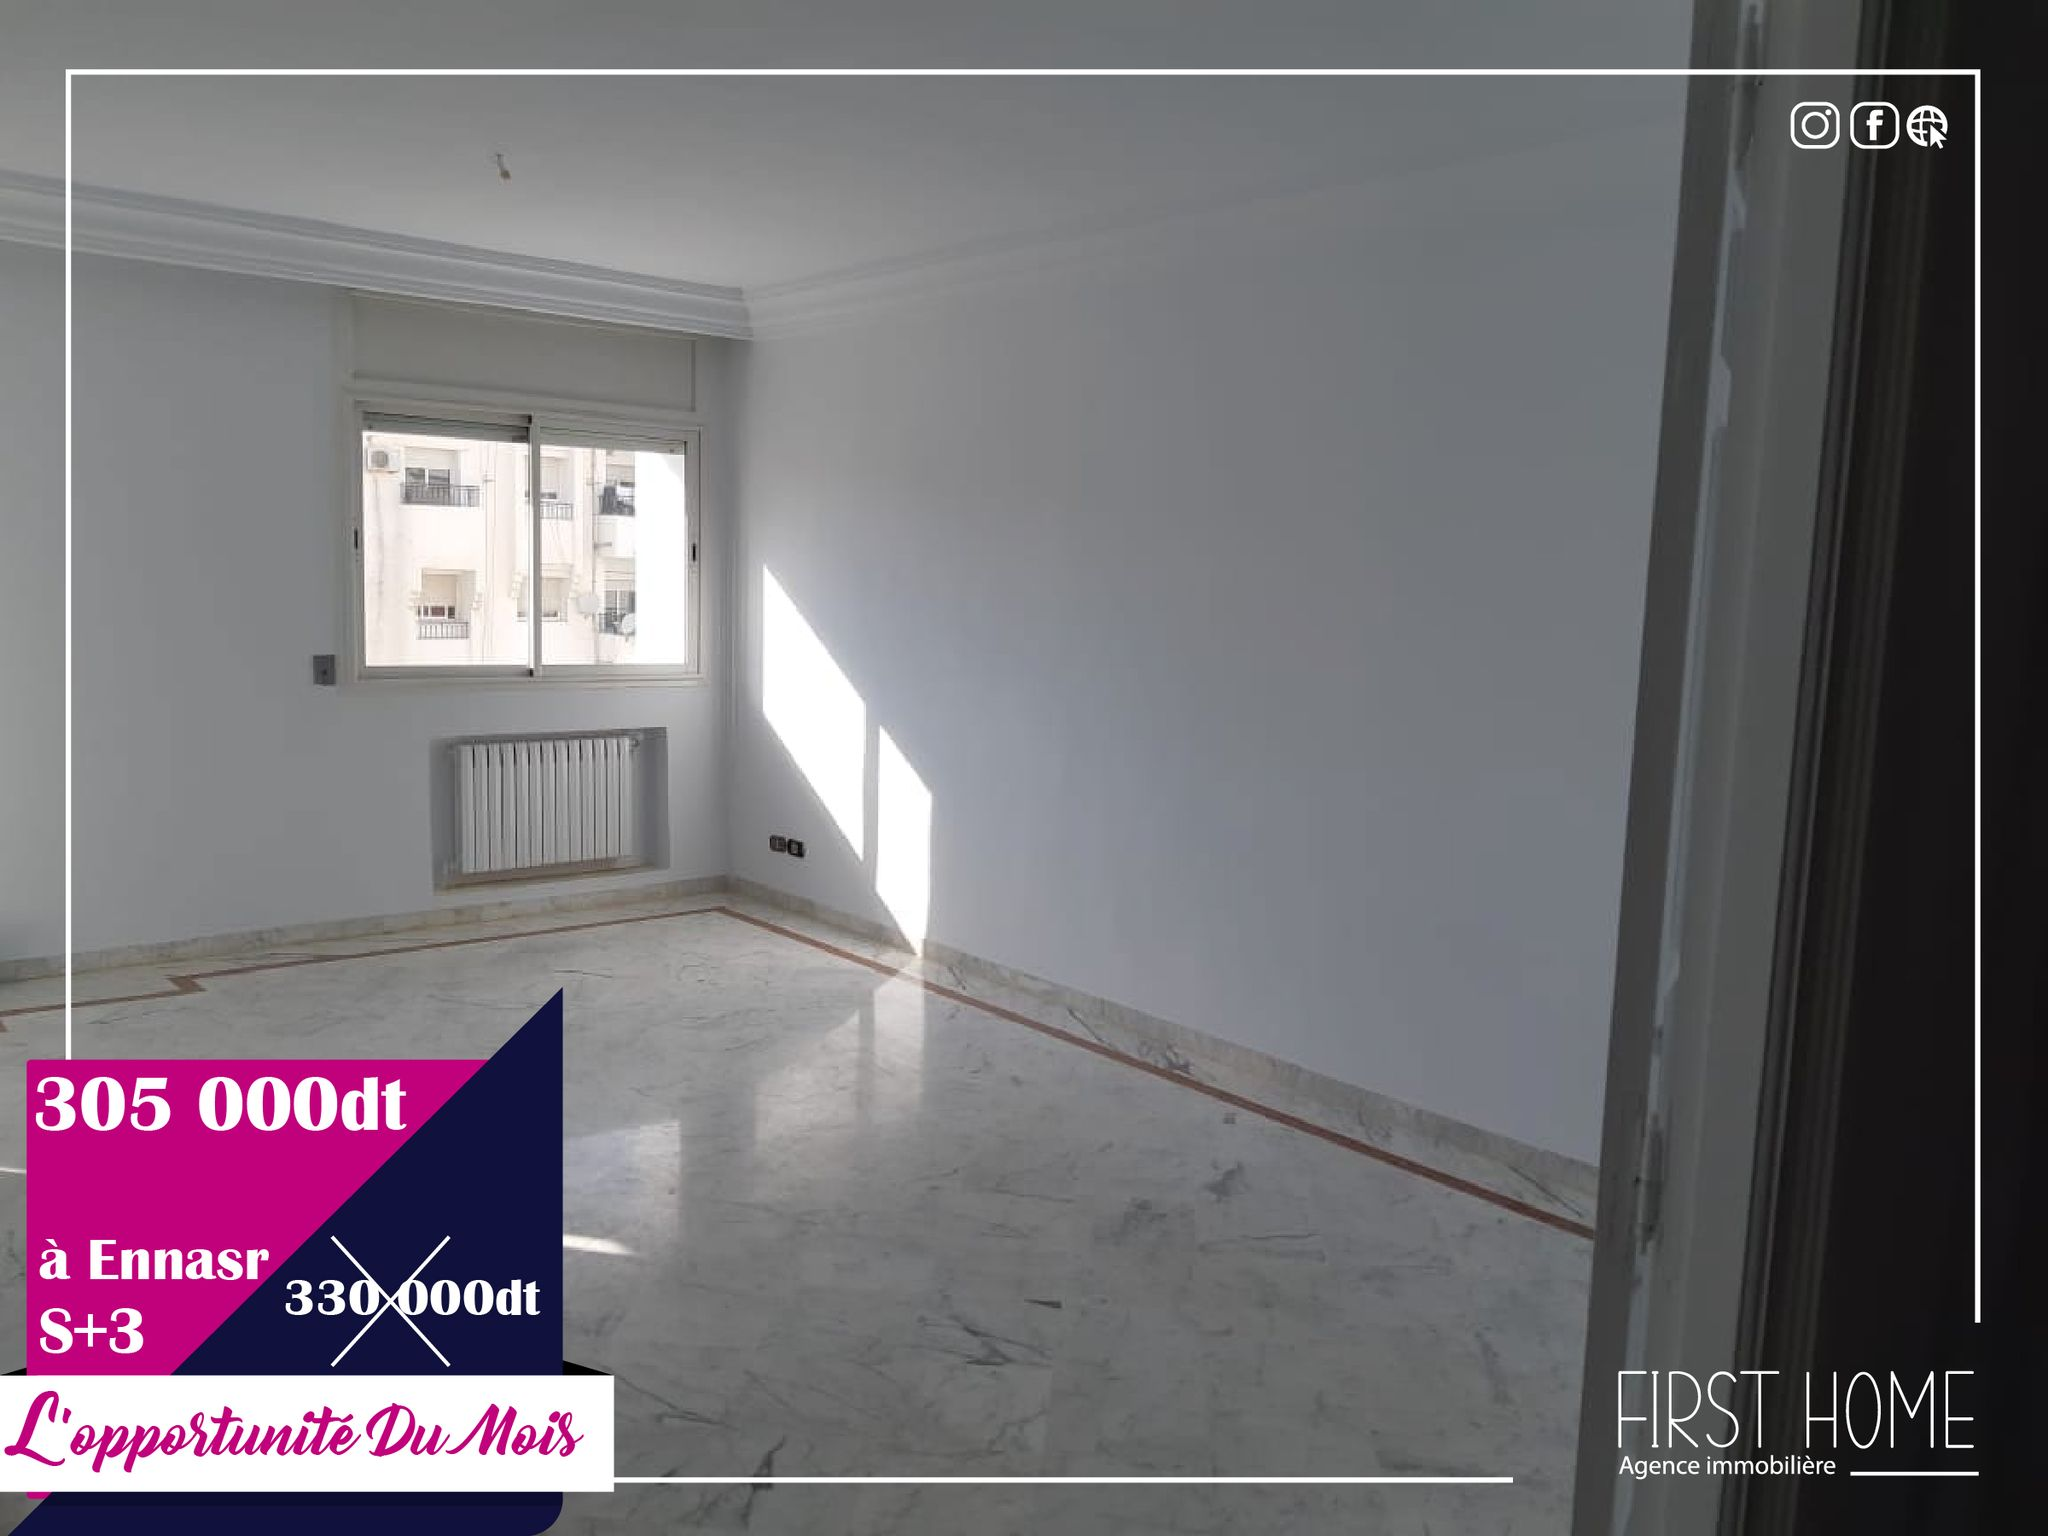 A vendre un Appartement S+3 à Ennasr 2